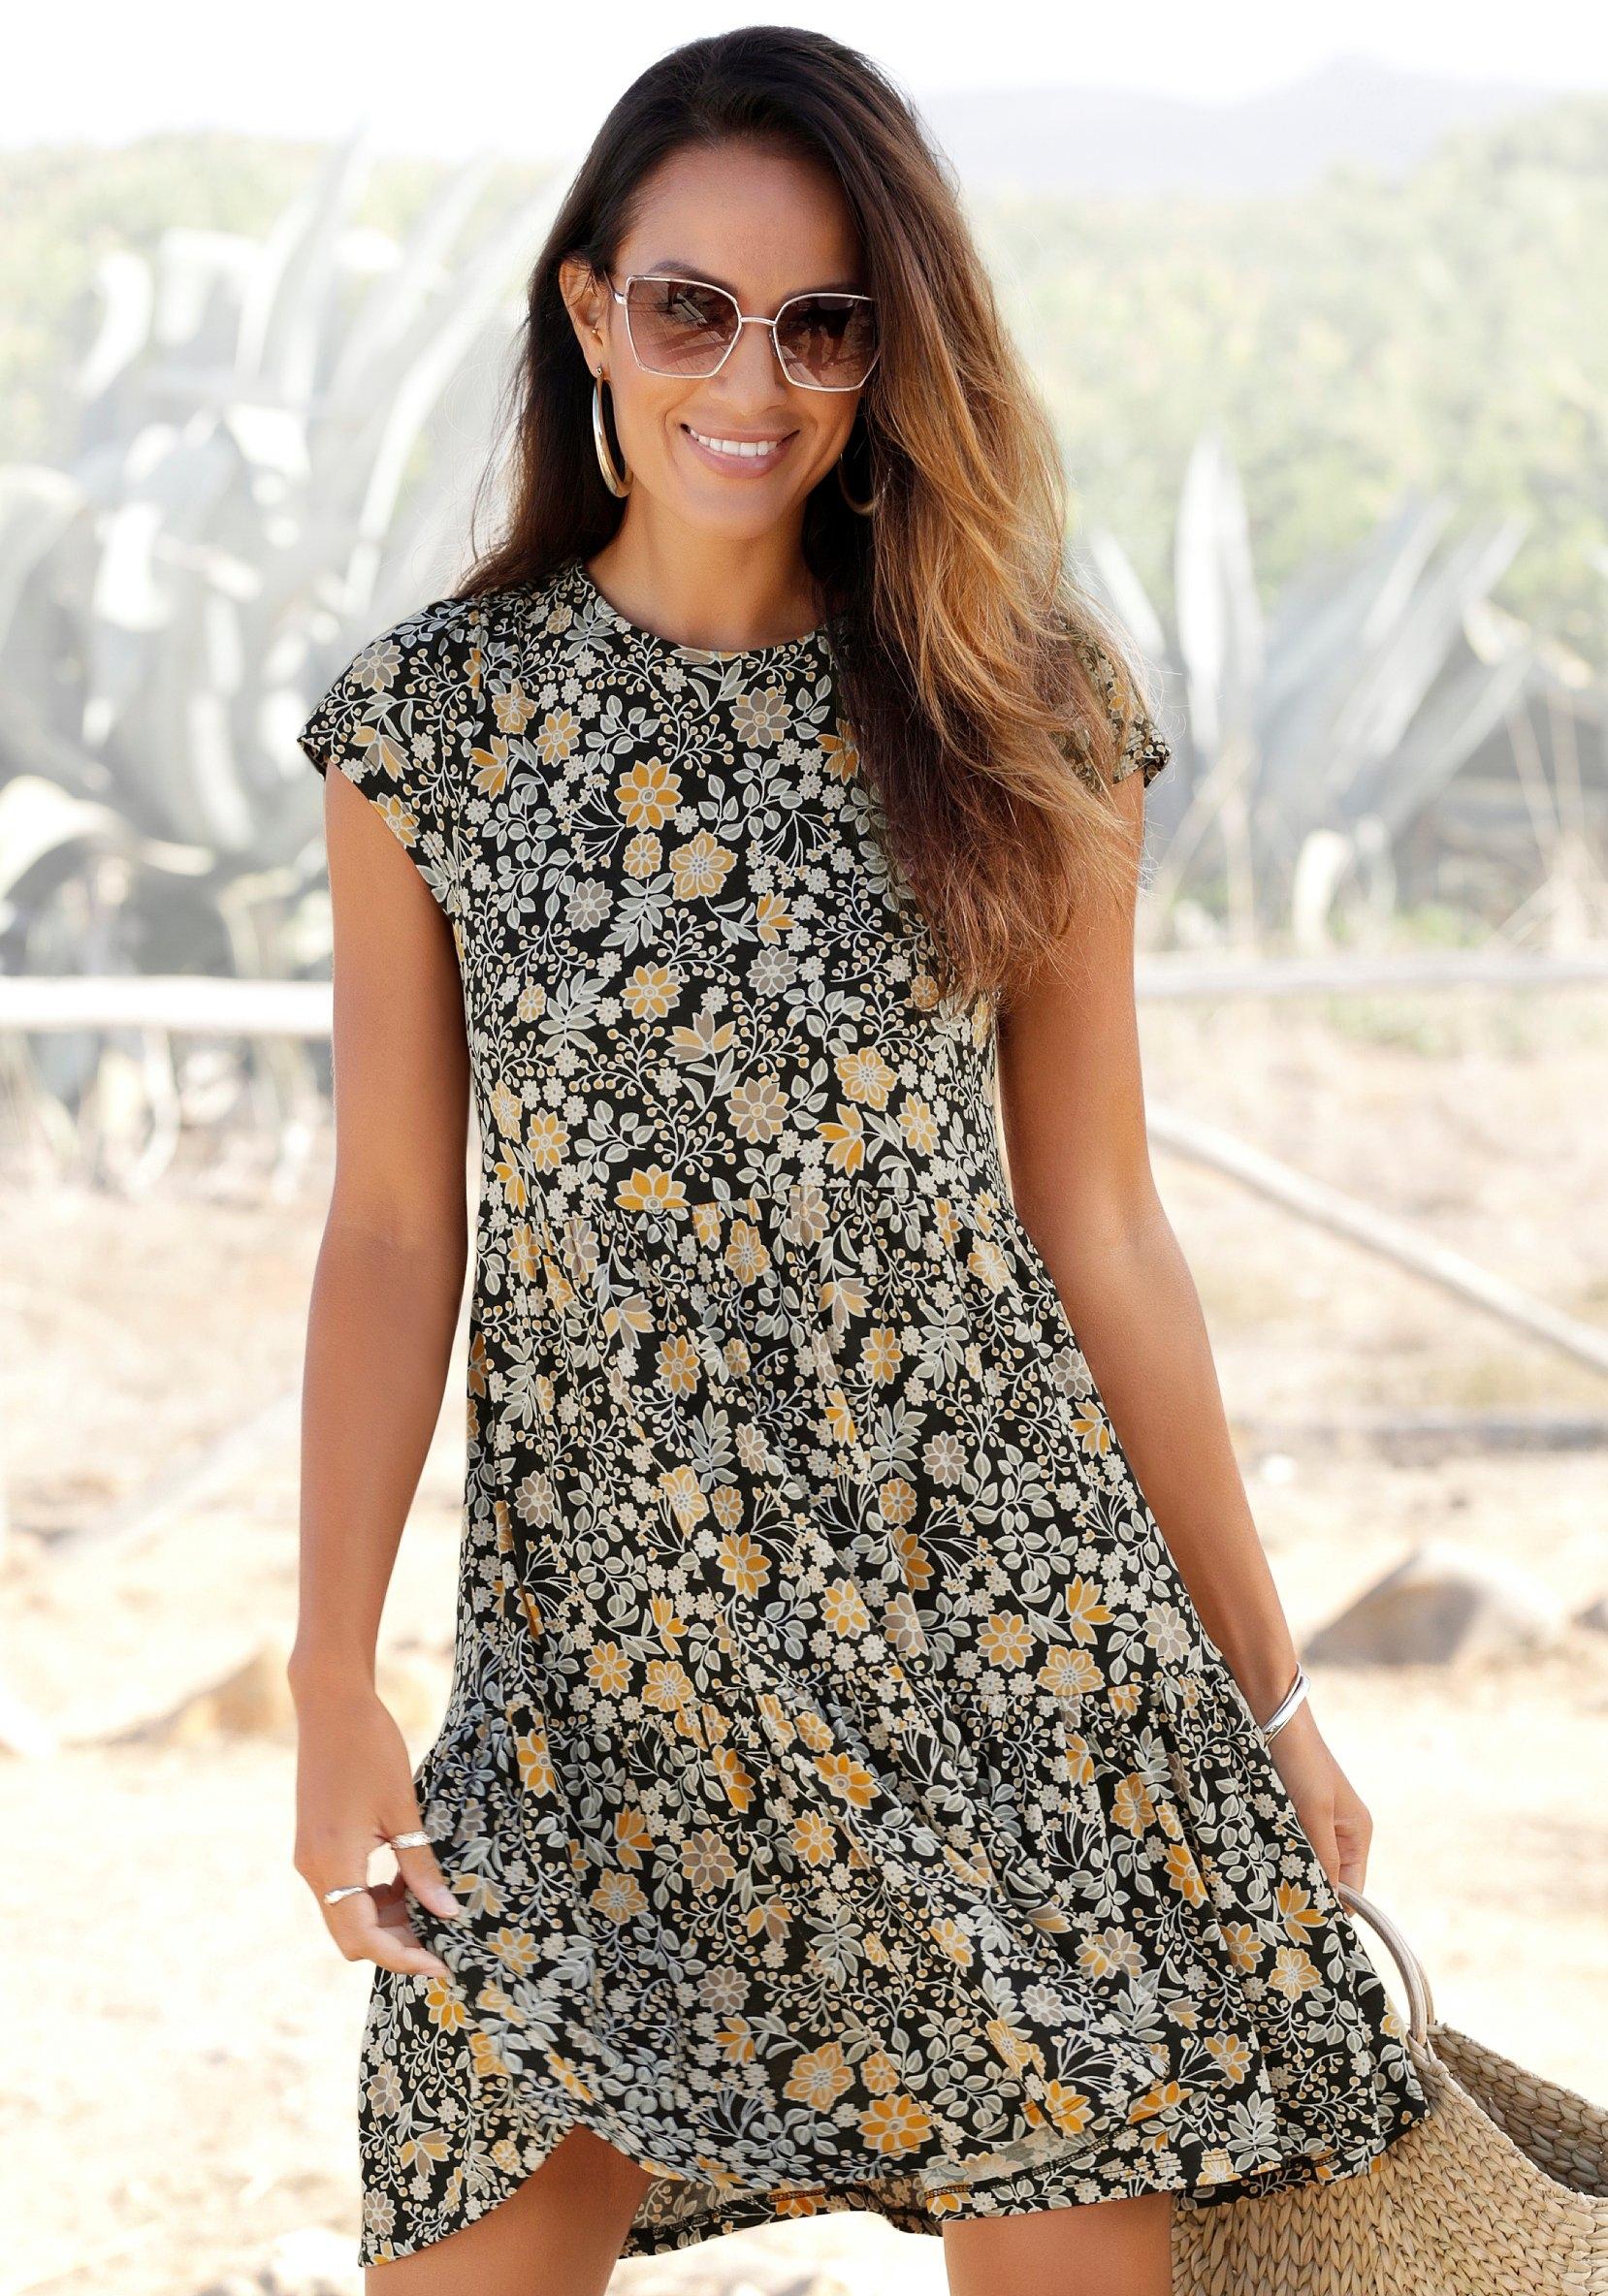 Lascana gedessineerde jurk met bindstrik in de nek online kopen op lascana.nl